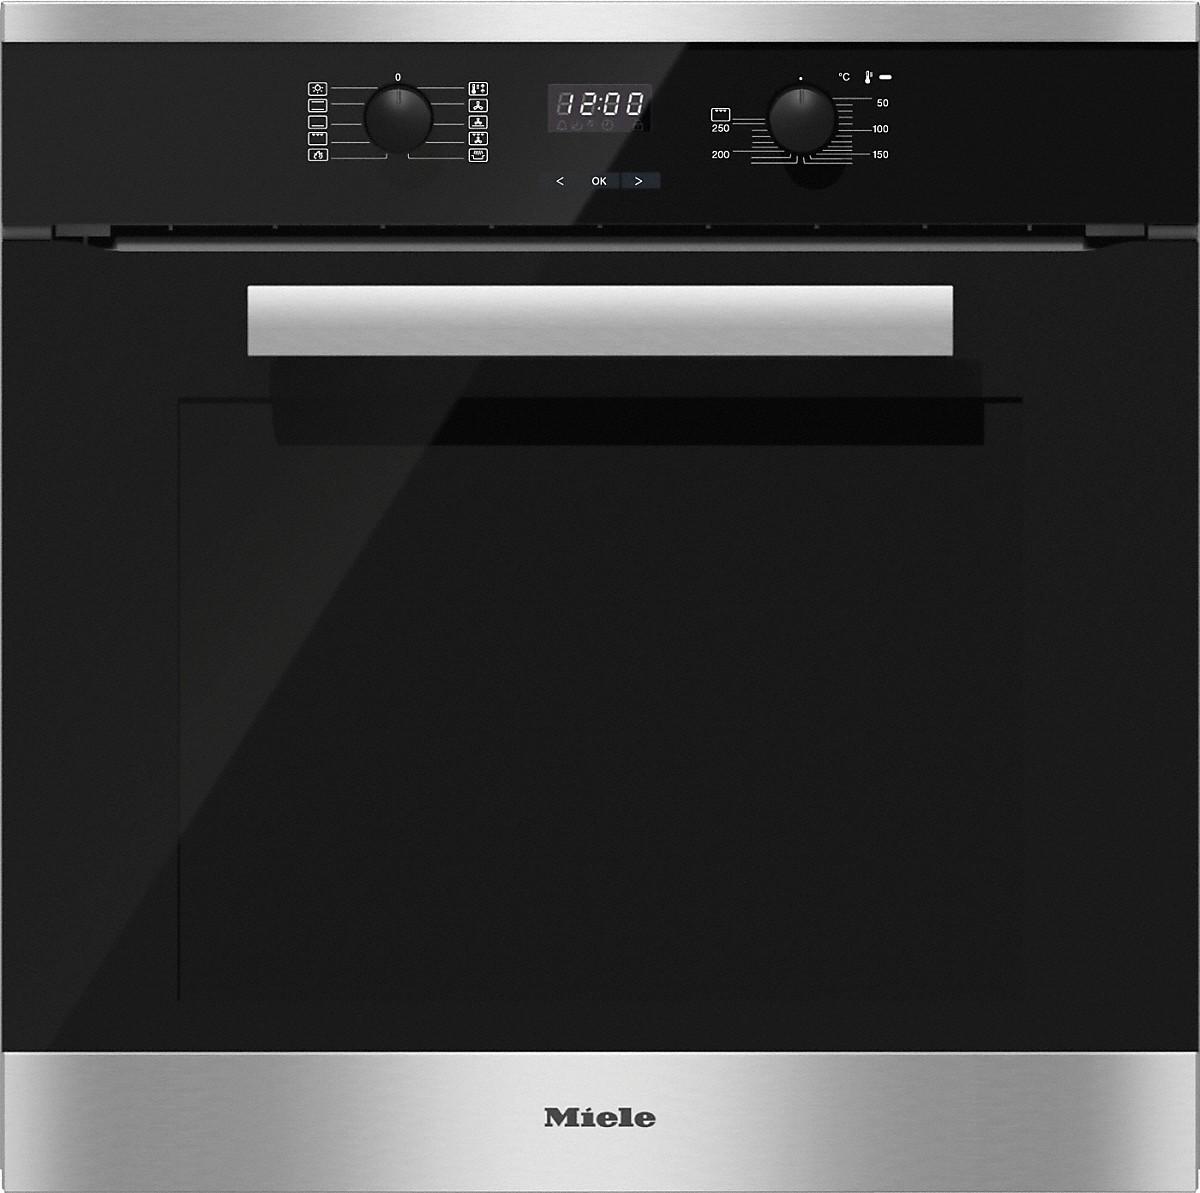 miele ovens h 2661 bp ovens. Black Bedroom Furniture Sets. Home Design Ideas